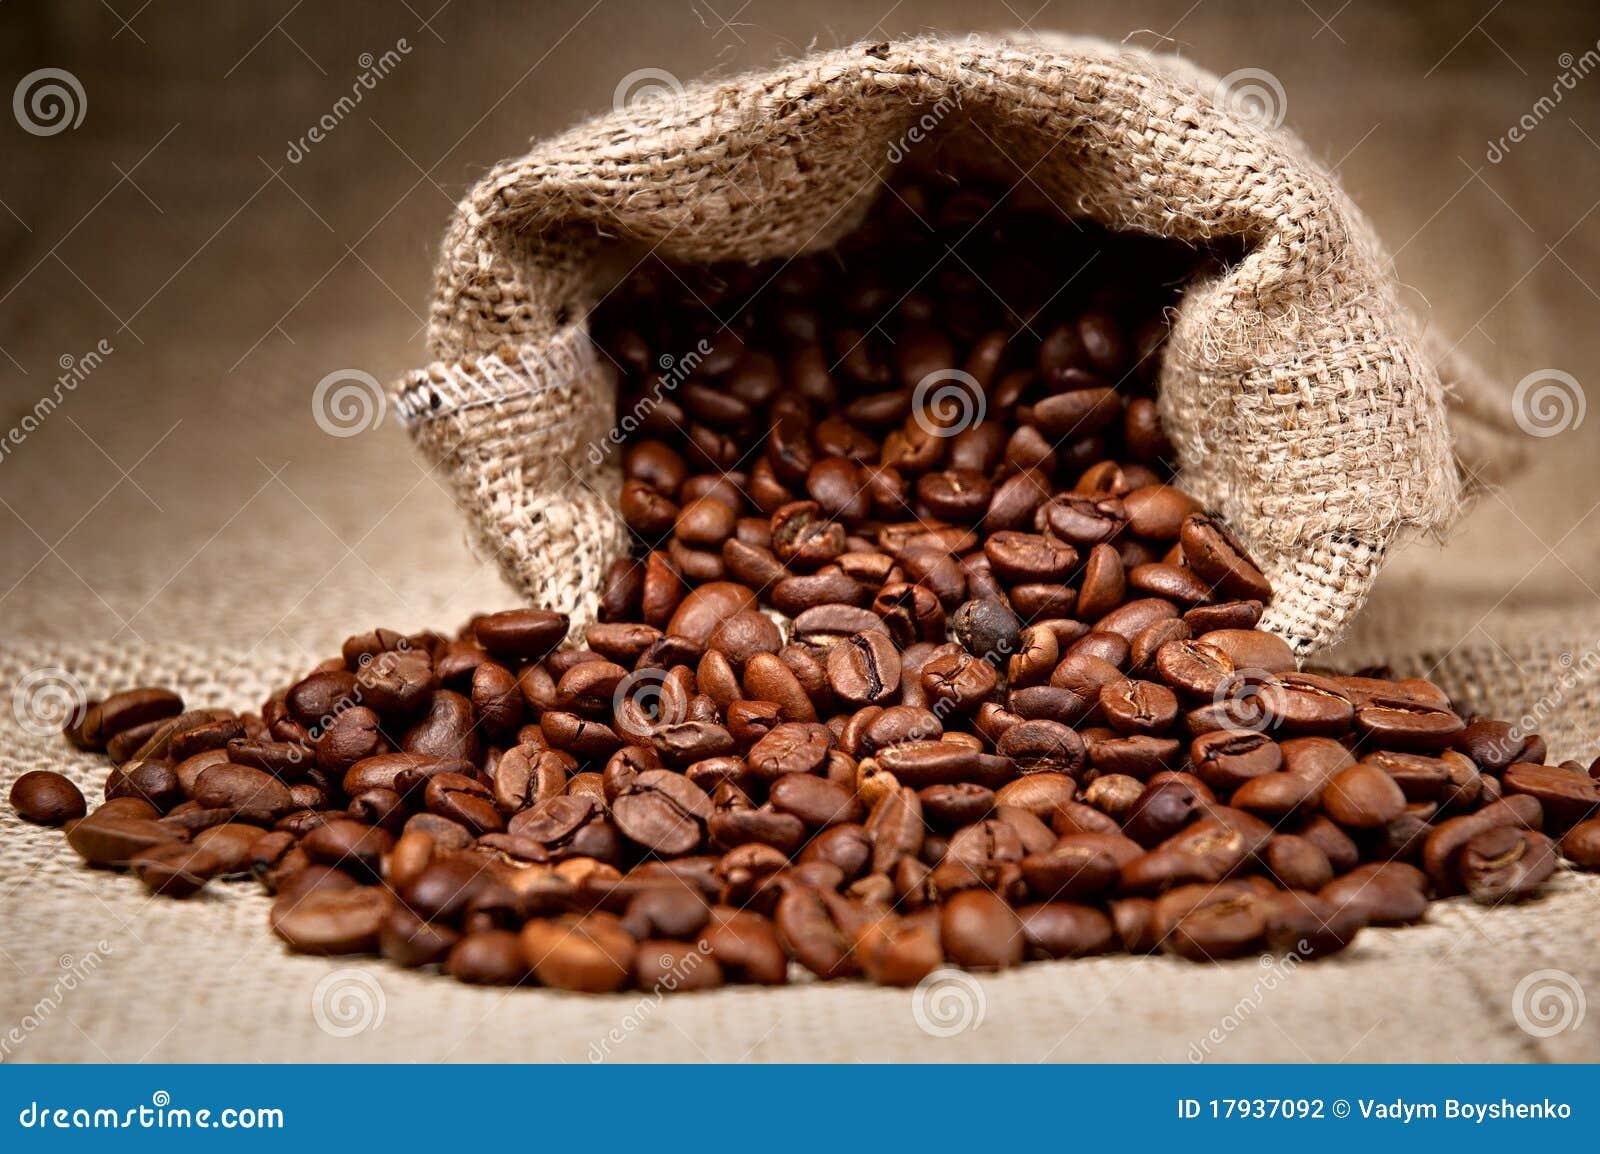 Graine De Cafe Achat